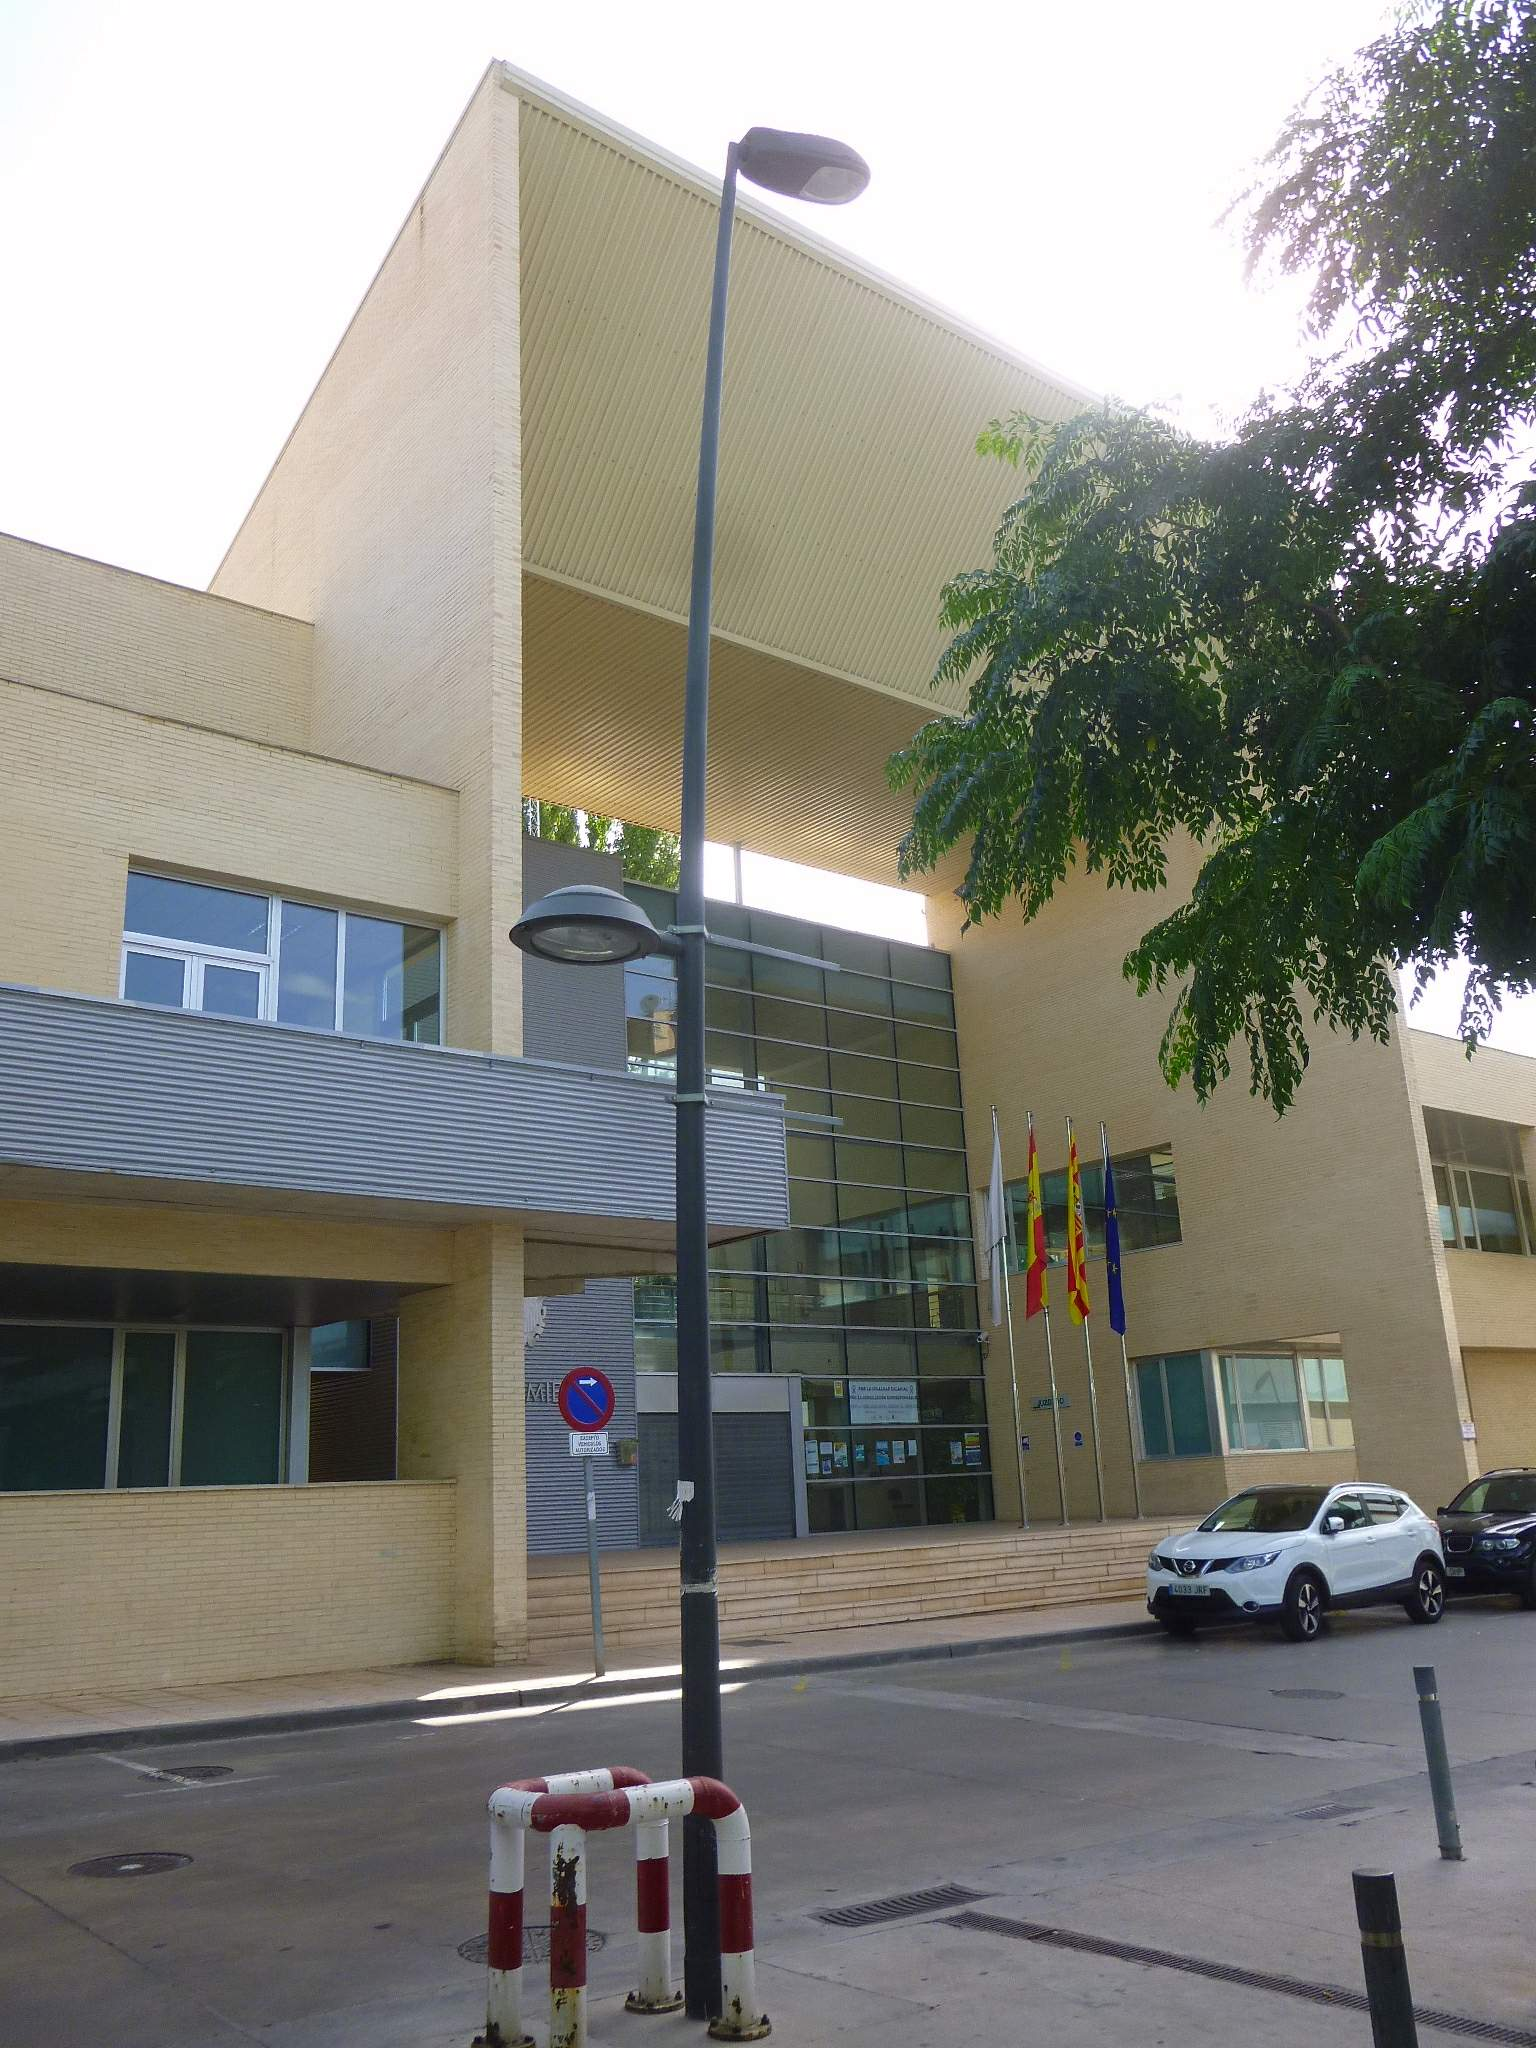 File:Cuarte de Huerva - Ayuntamiento 1.jpg - Wikimedia Commons